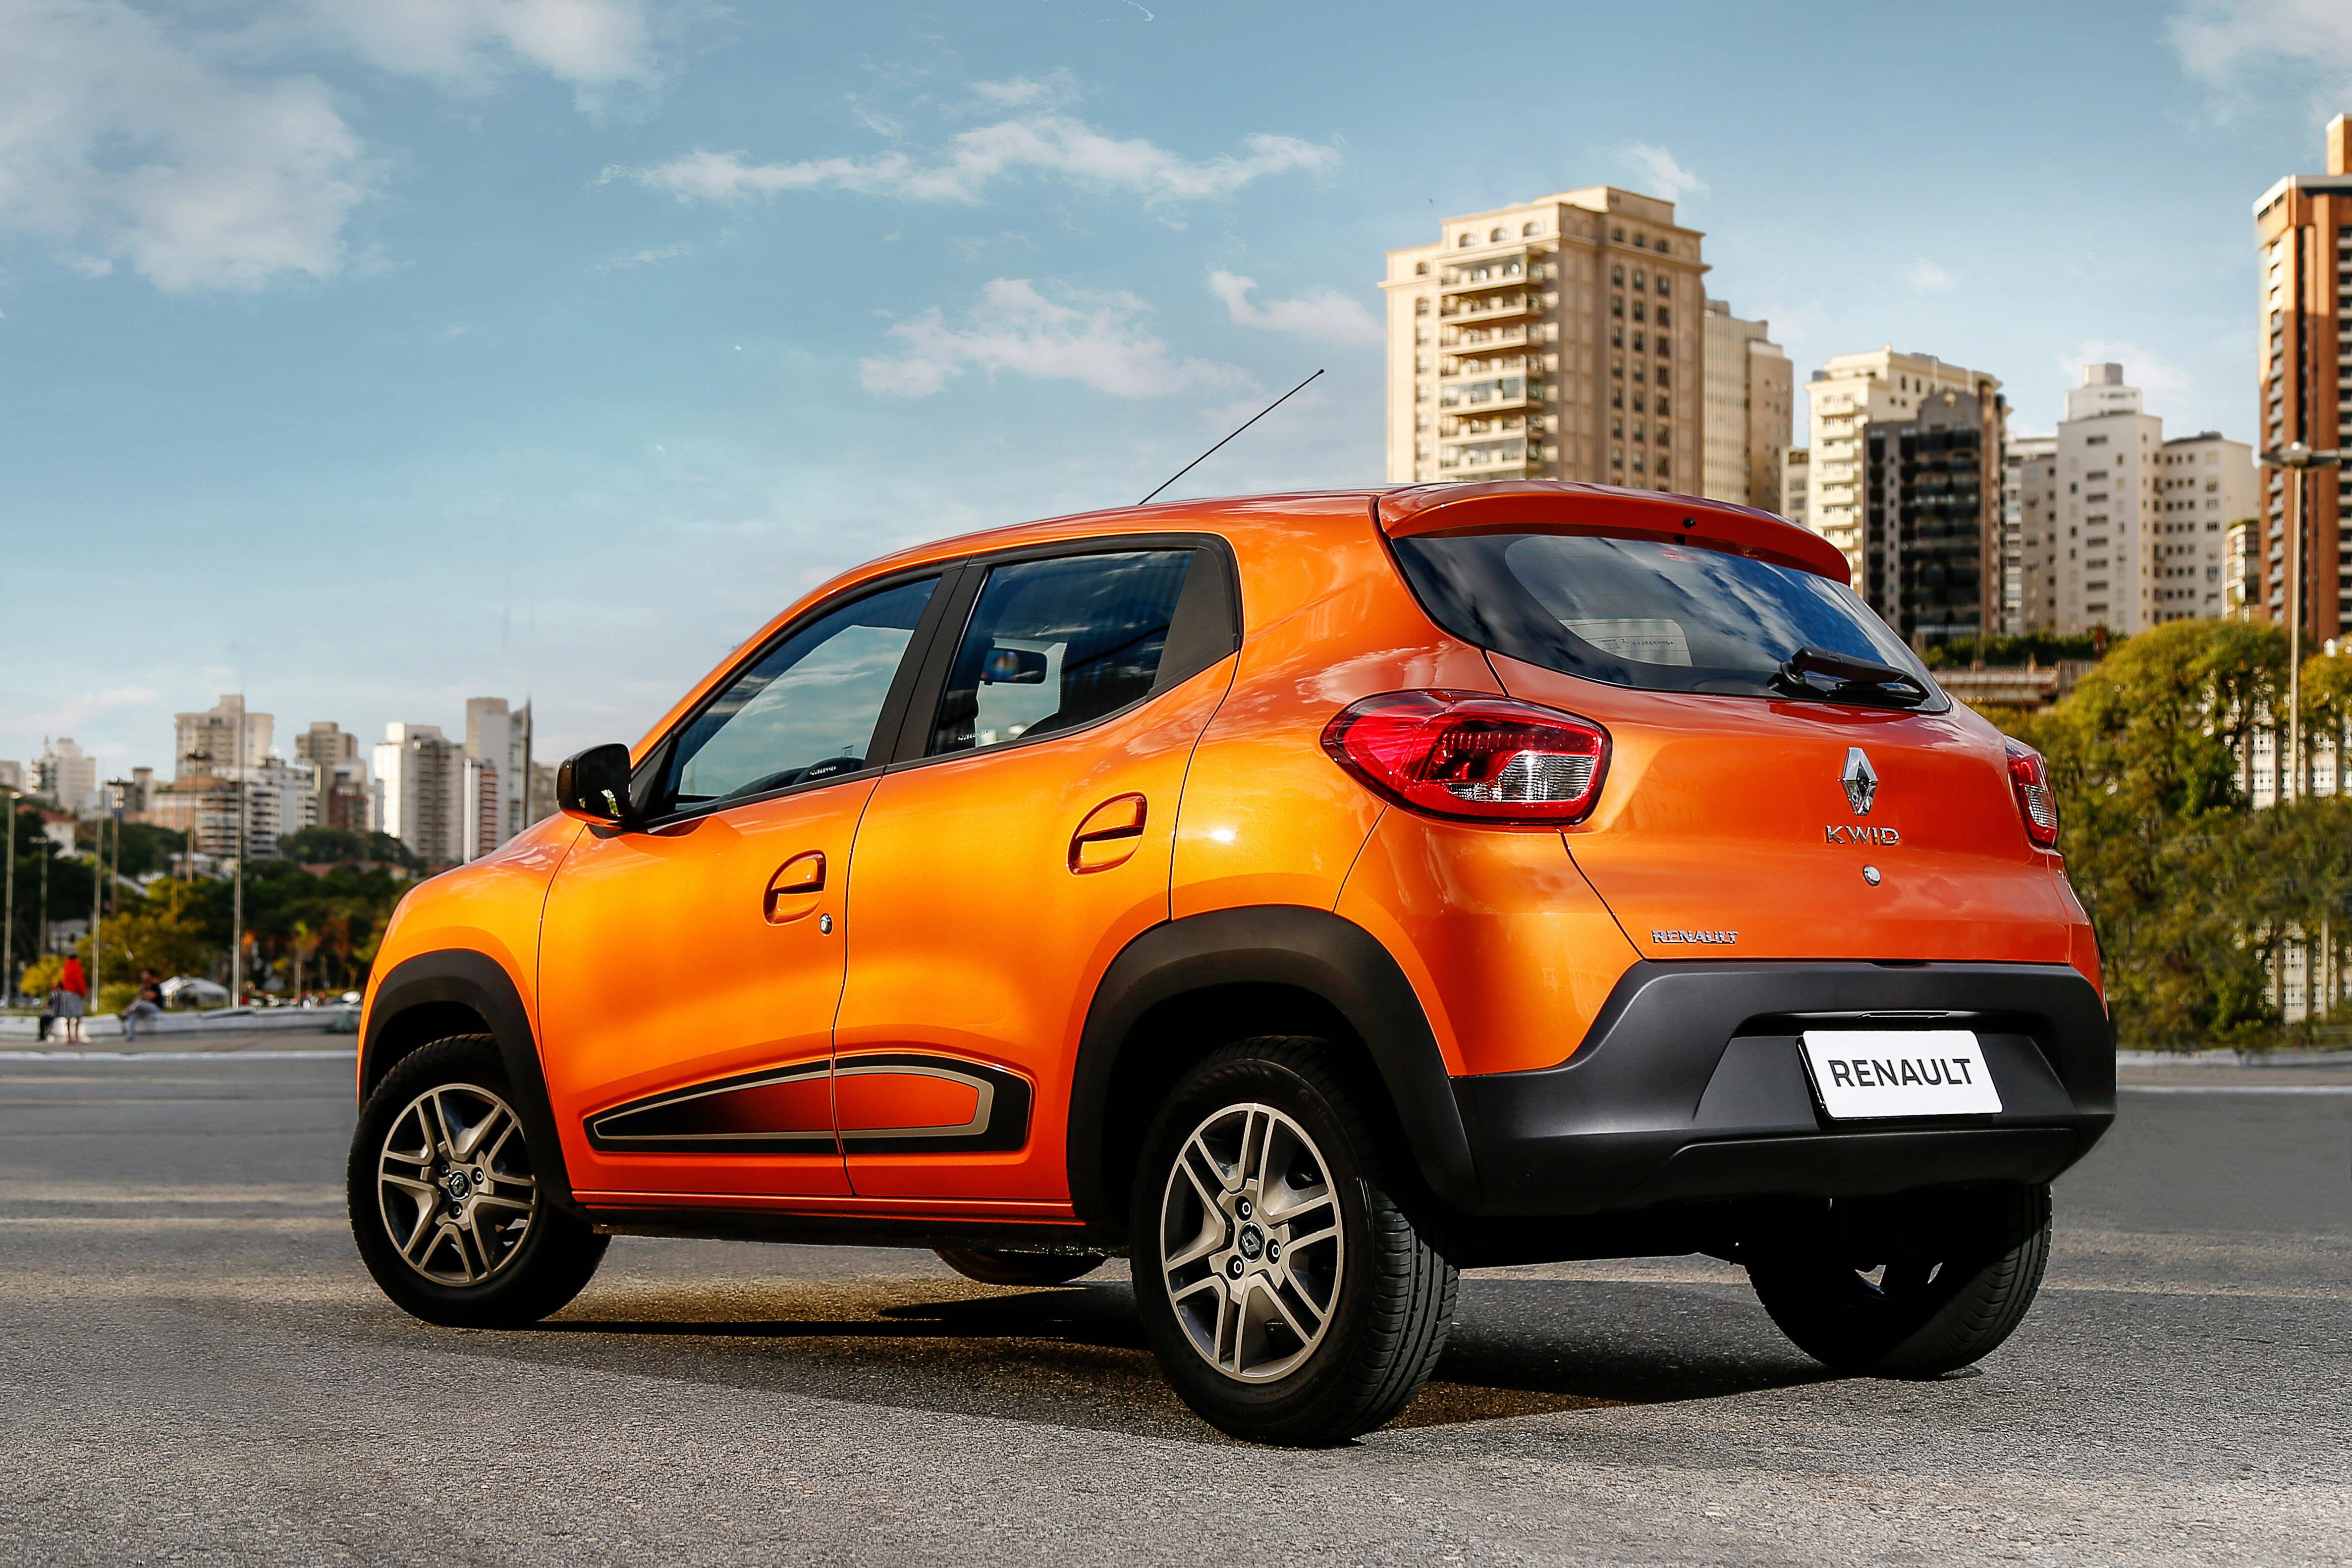 Renault Kwid. Foto: Divulgação